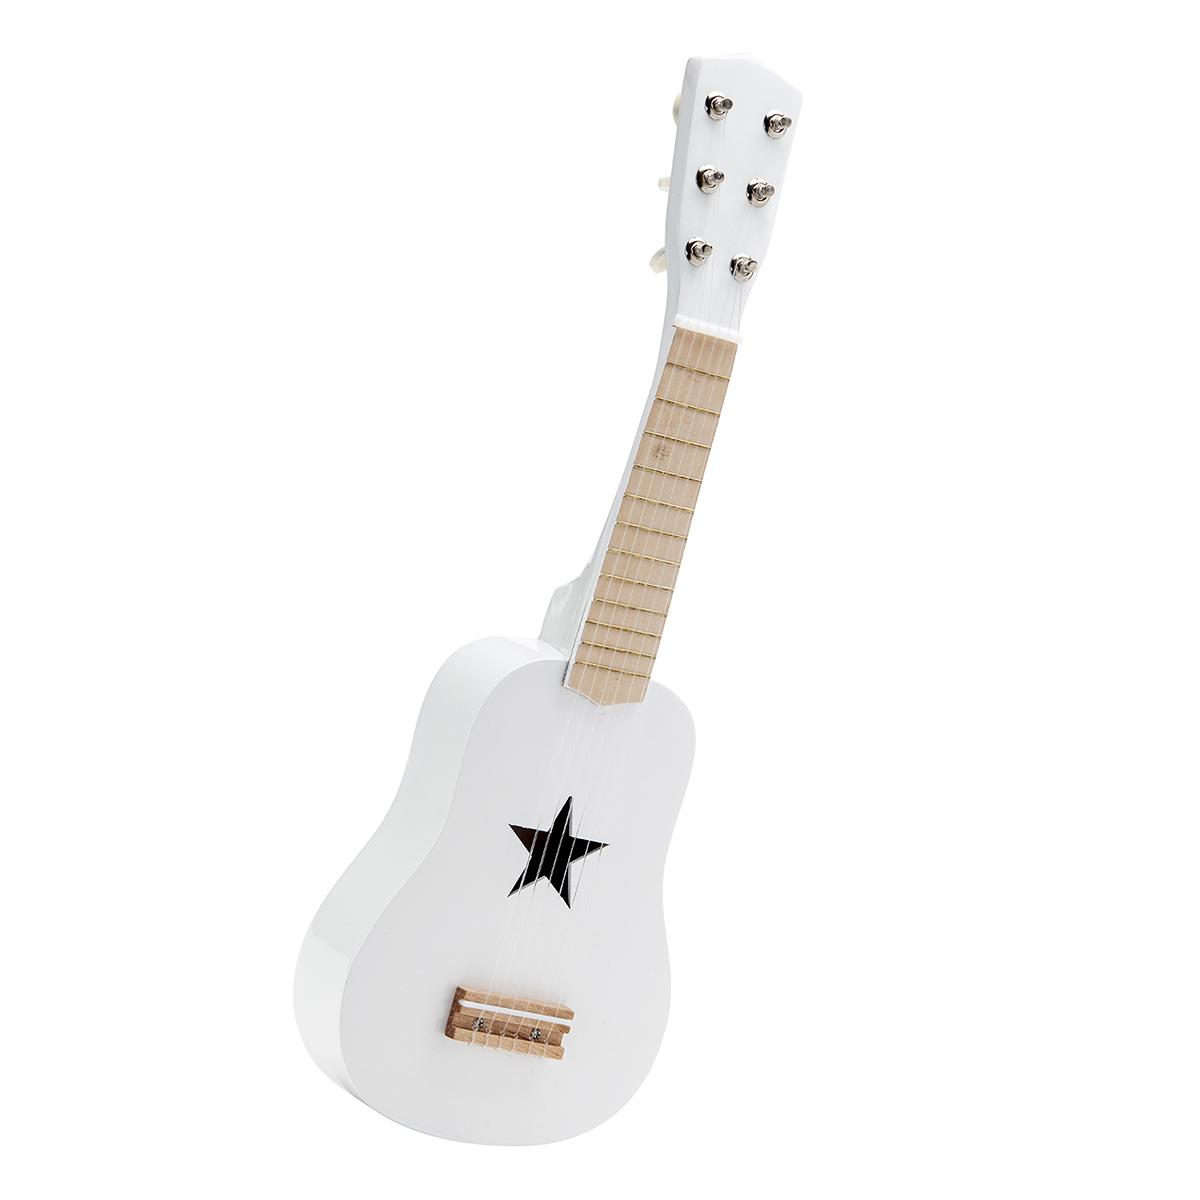 Billede af Kids Concept guitar i træ - Hvid